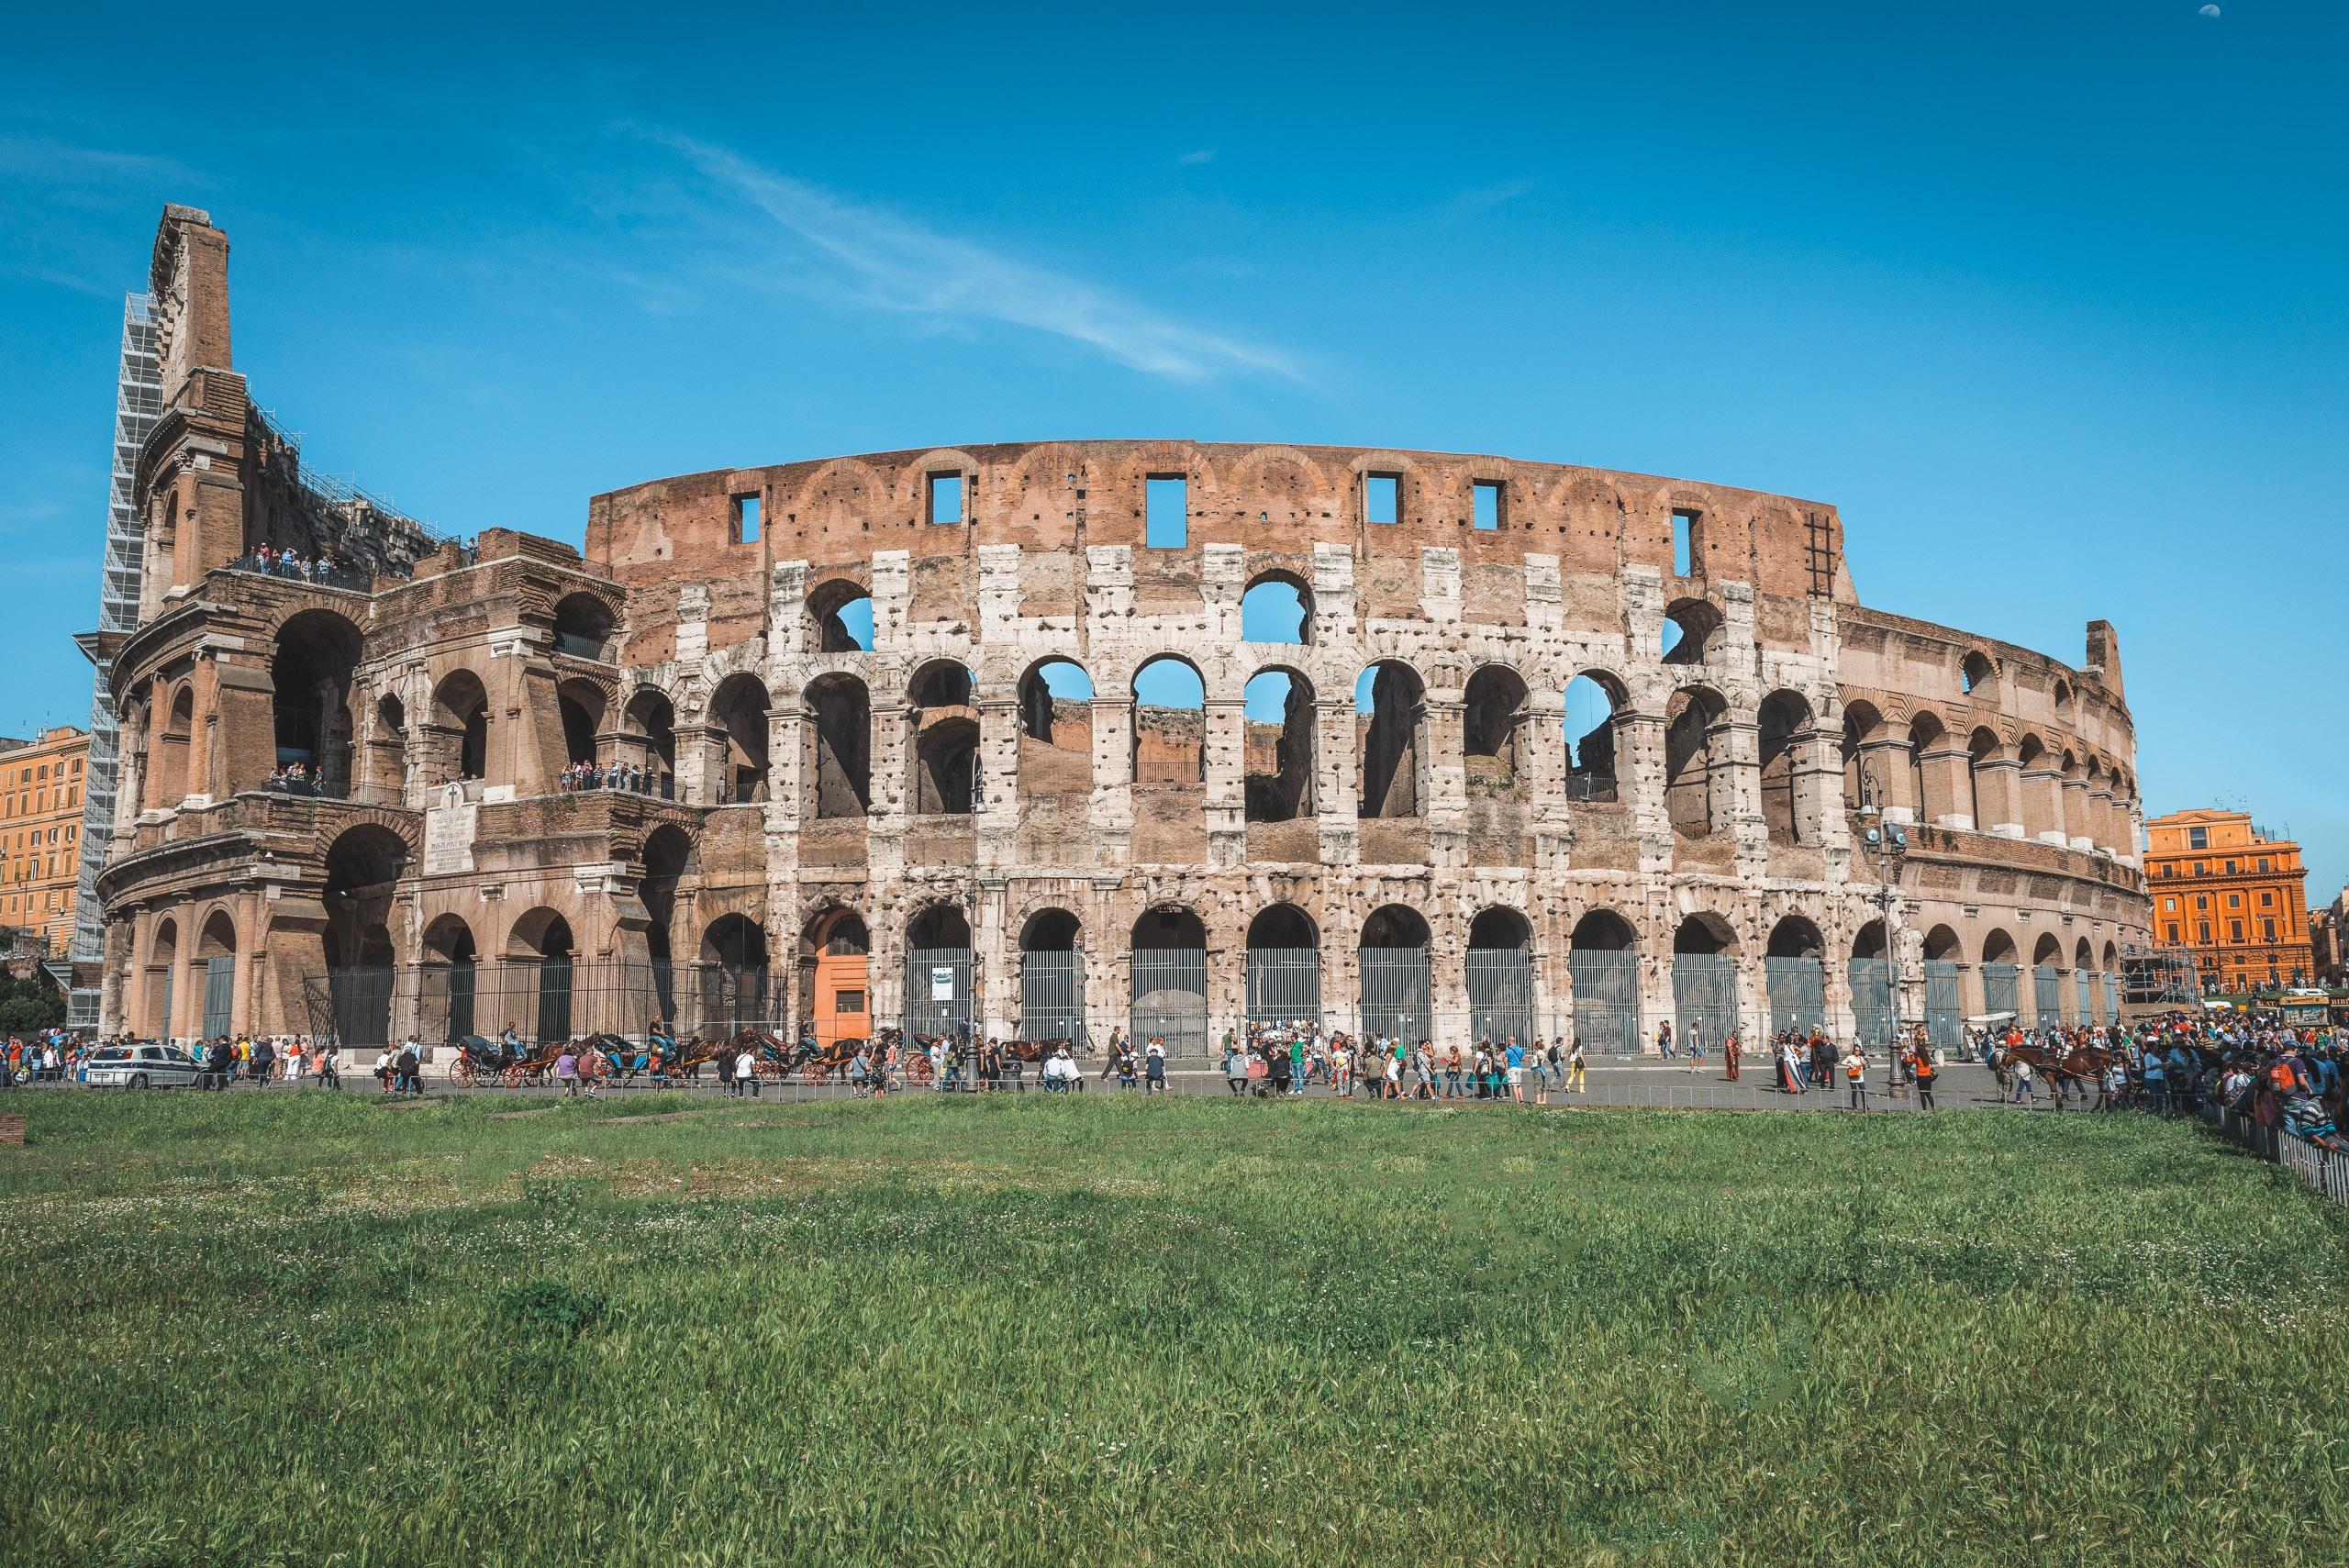 Outside the Colosseum 3